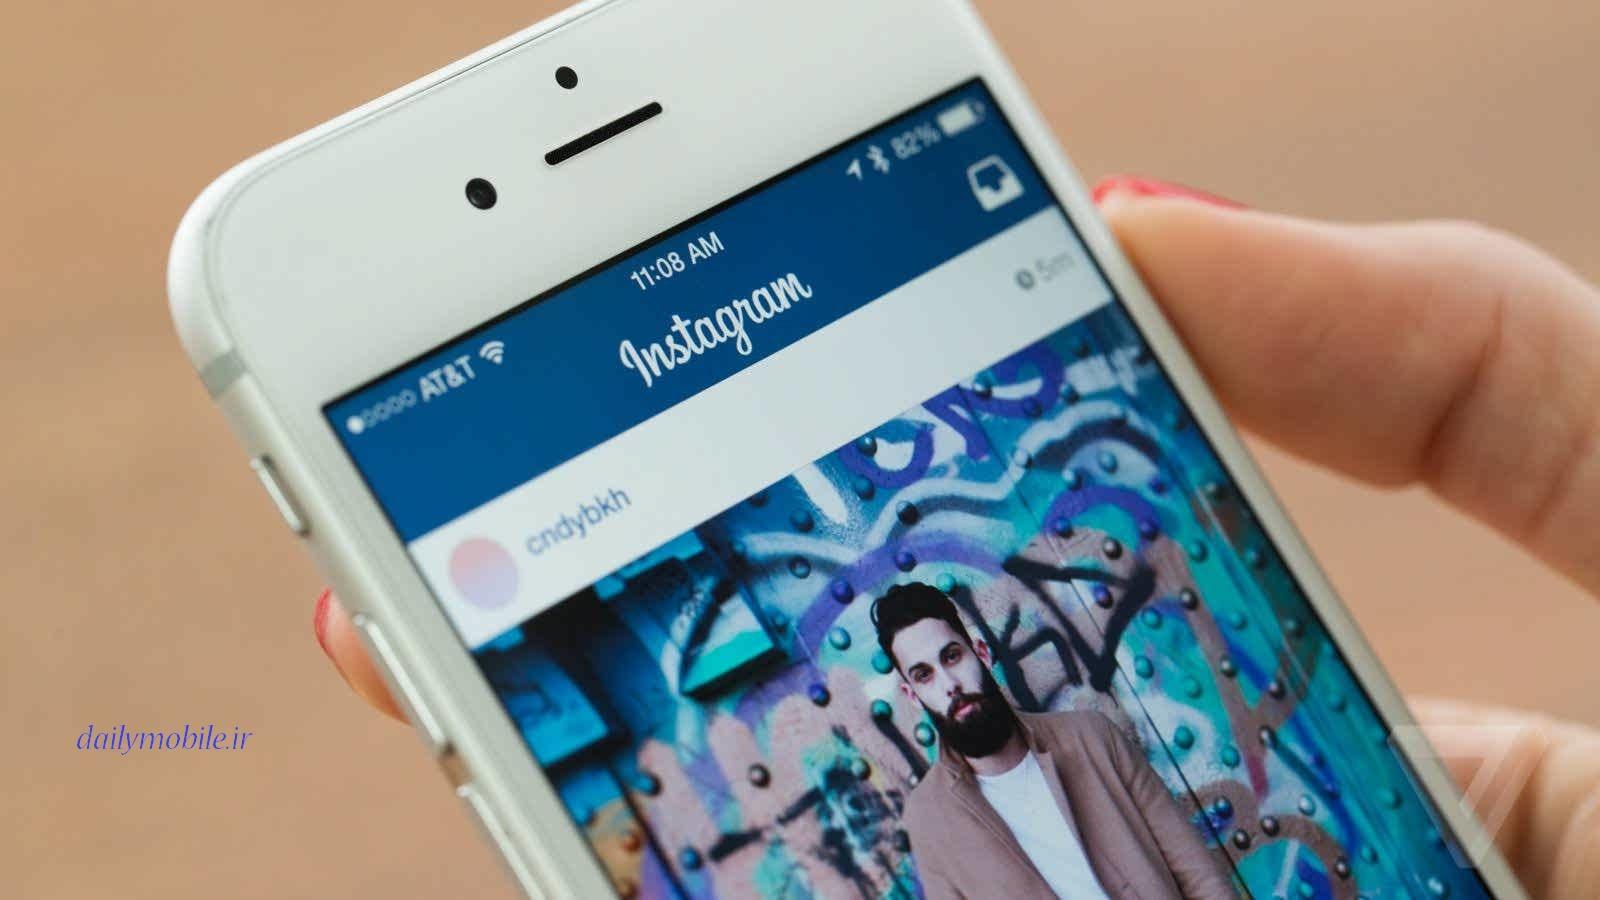 دانلود برنامه اینستاگرام + اینستاگرام پلاس اندروید Instagram